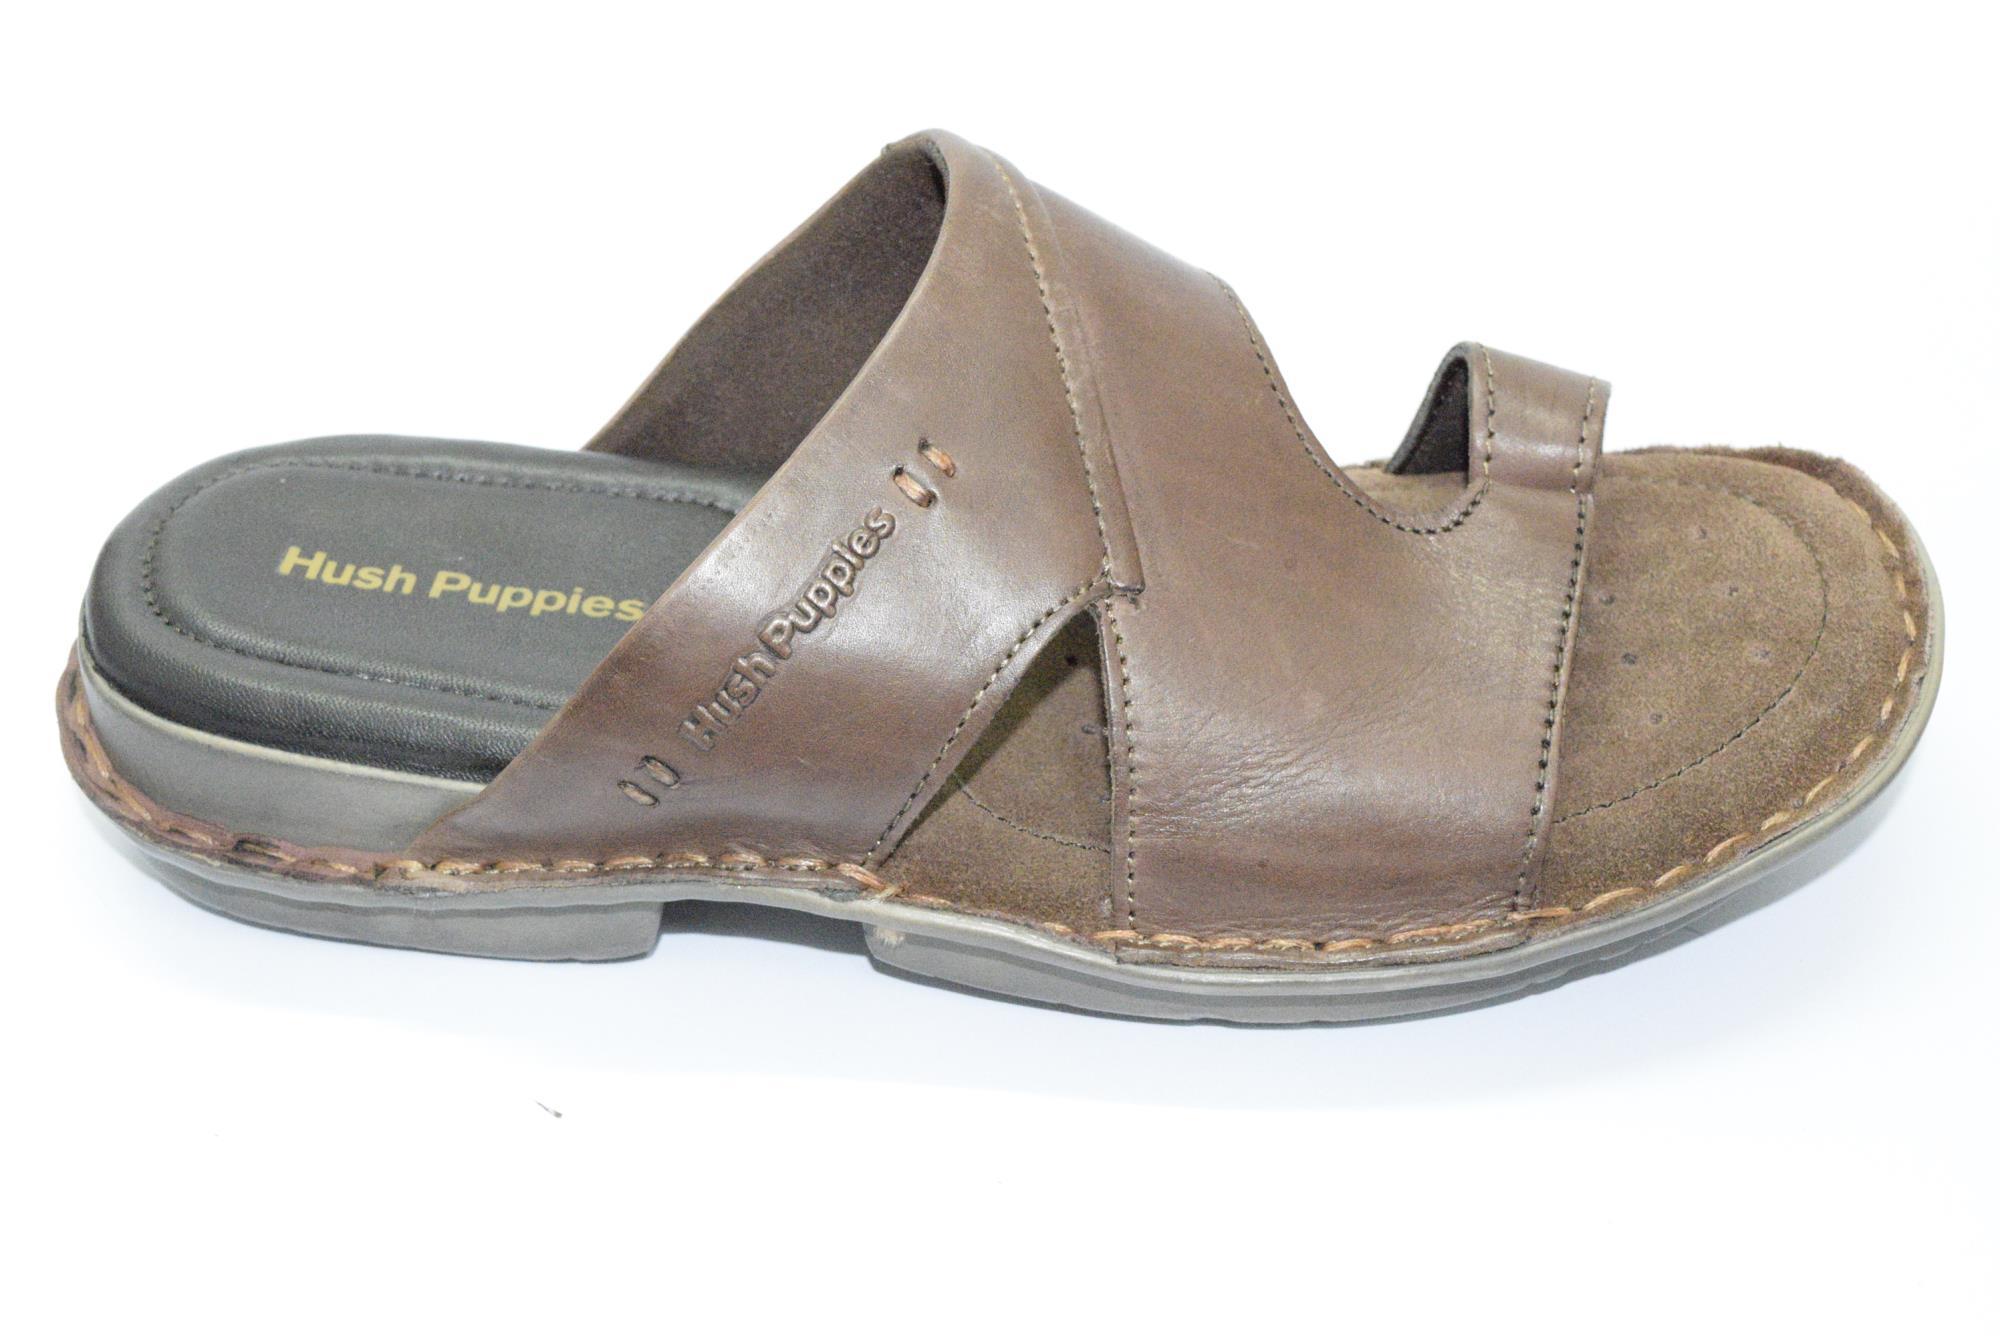 bata shoes ltd case study